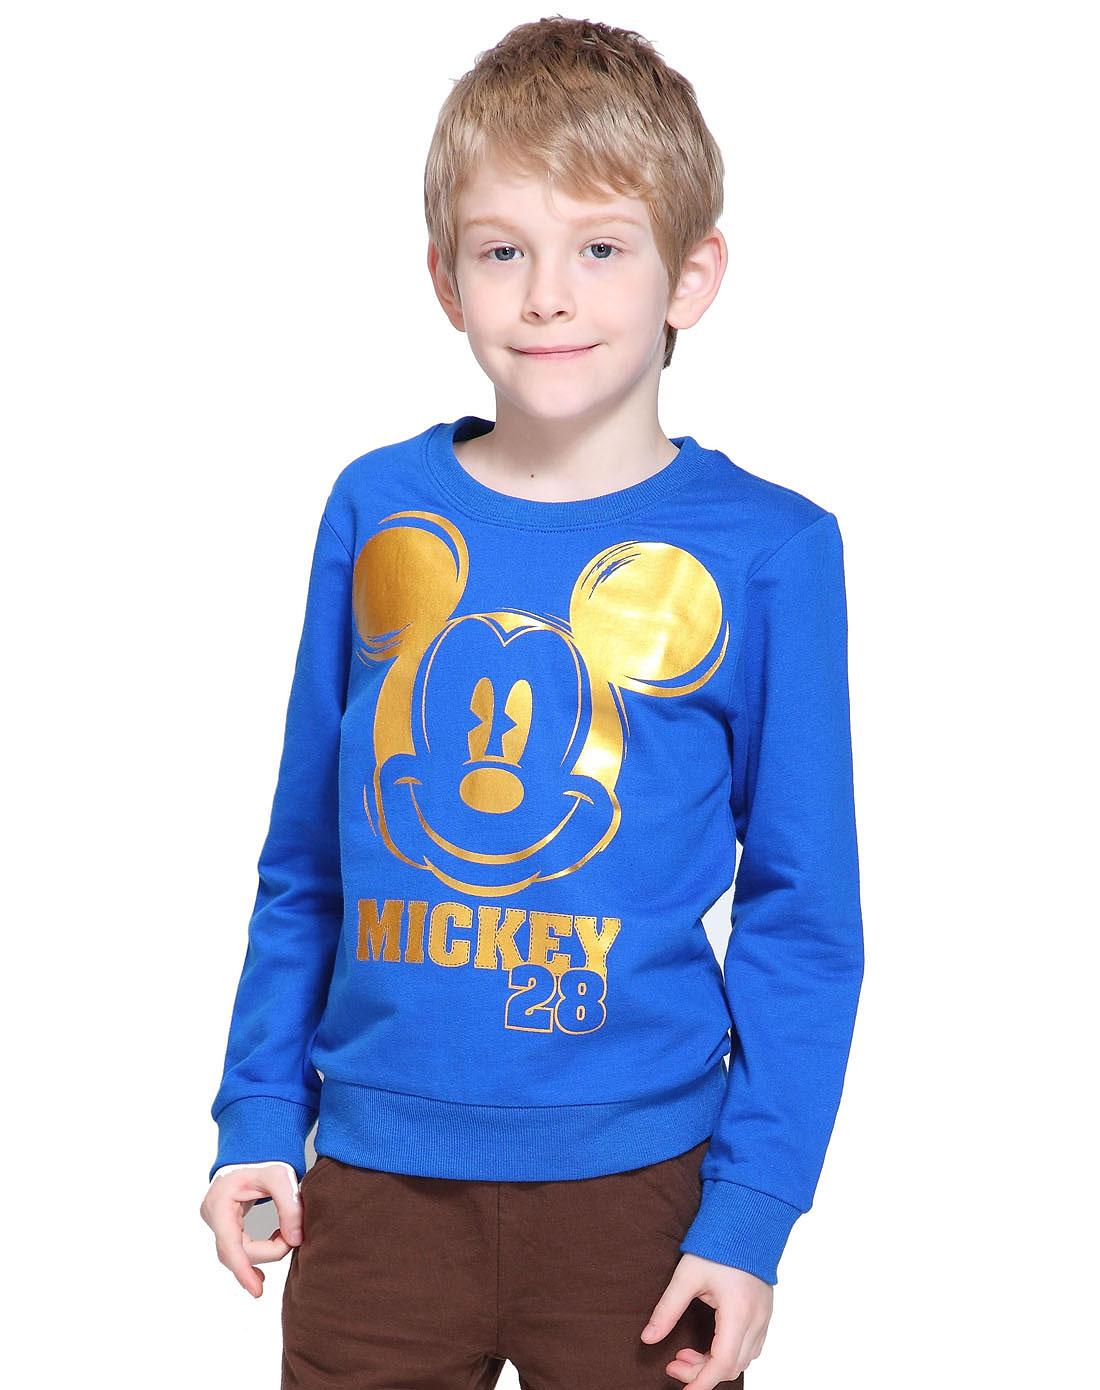 米奇男童针织圆领长袖衫